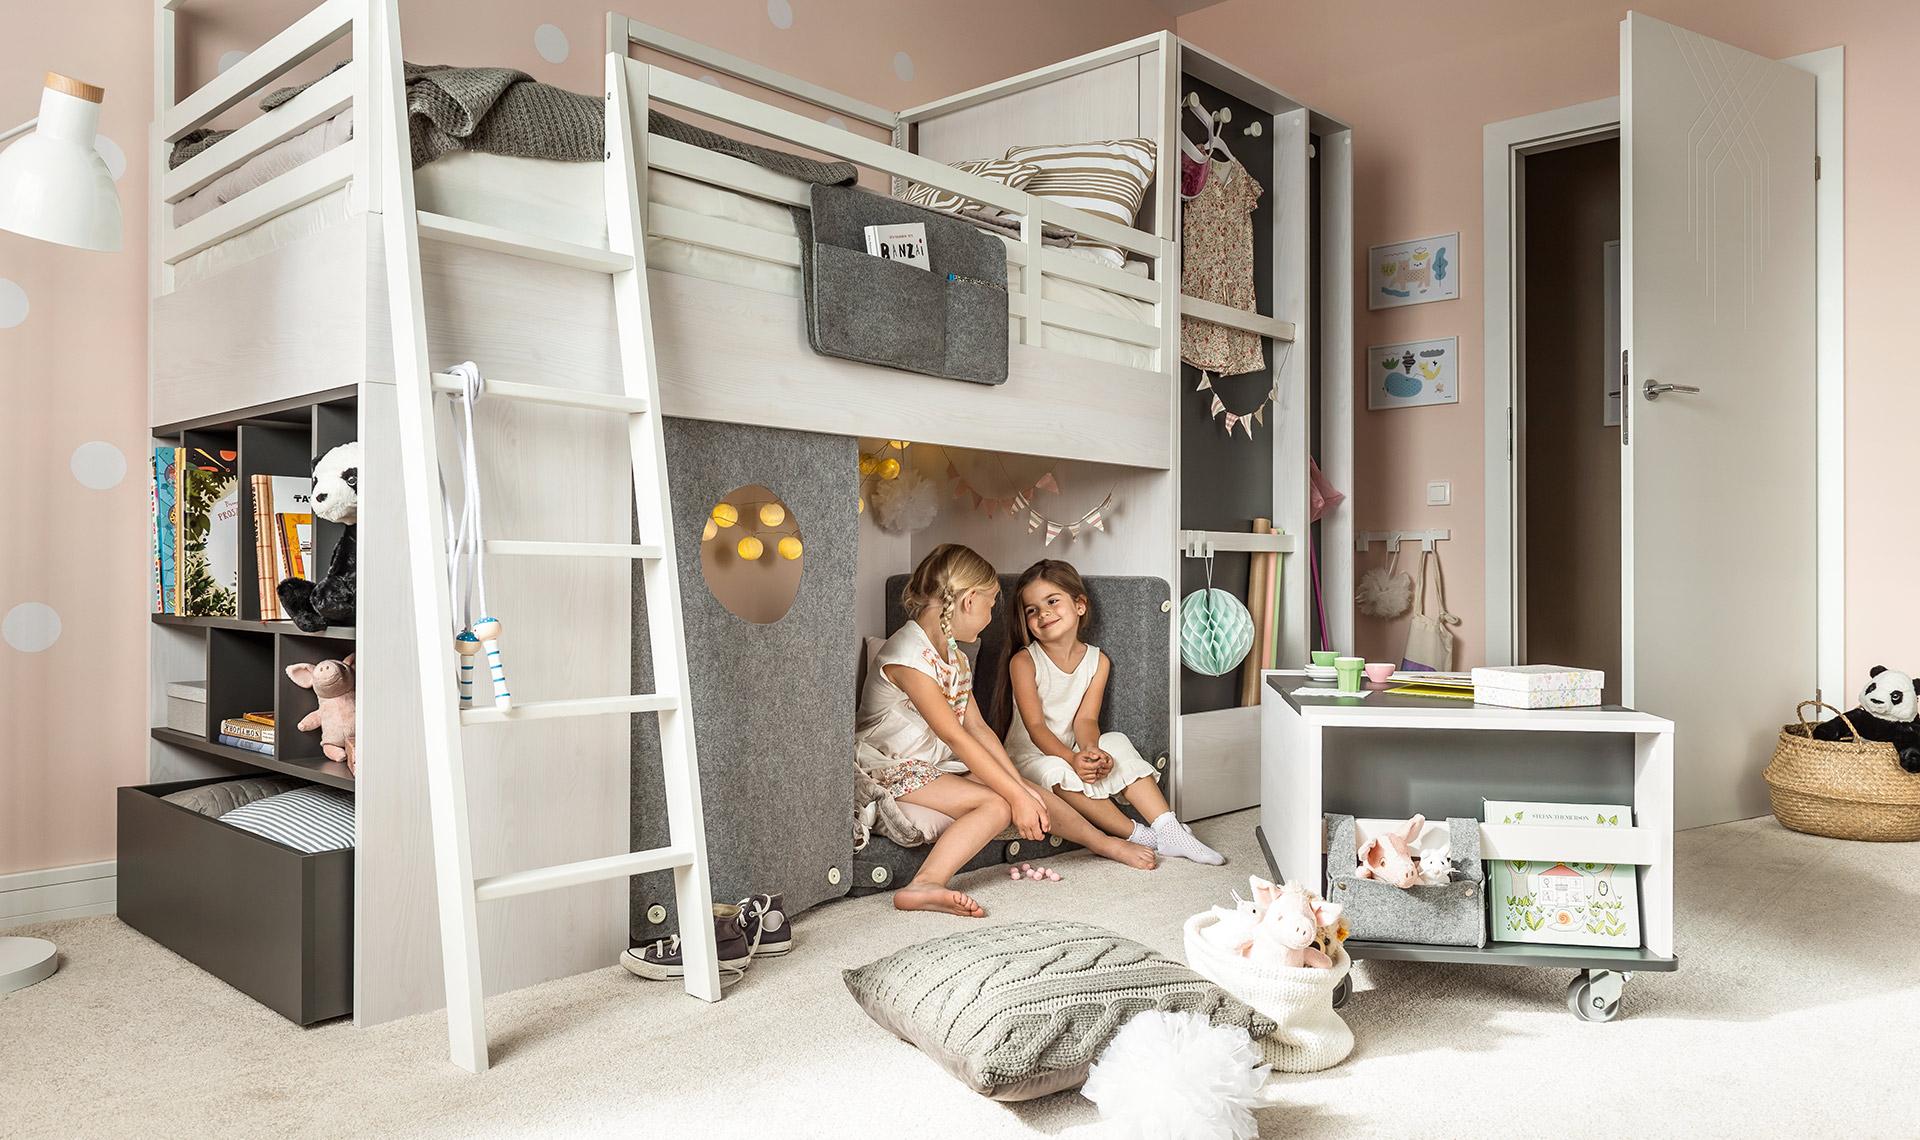 Décoration moderne pour chambre enfant